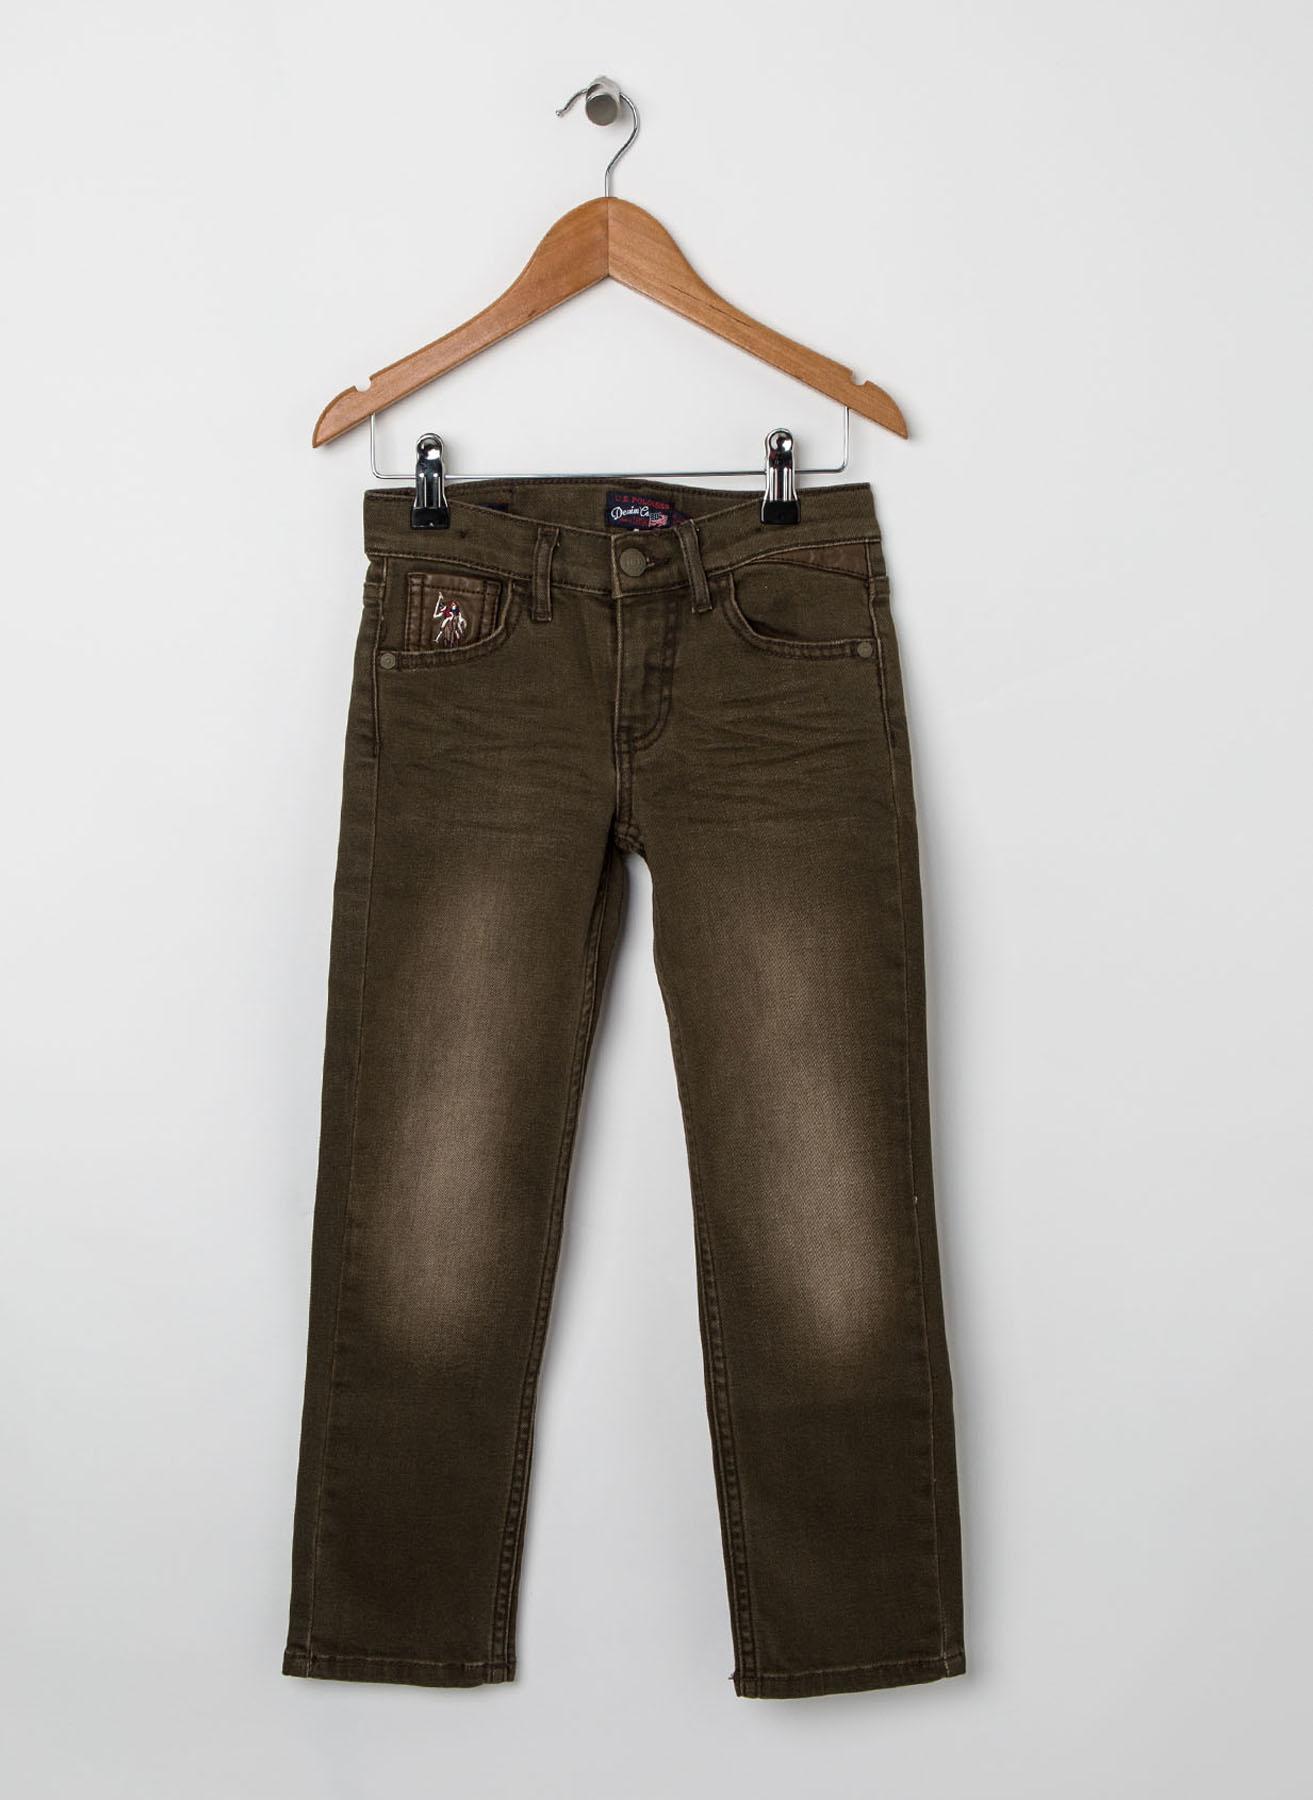 U.S. Polo Assn. Genç Erkek Pantolon 9 Yaş 5001704508010 Ürün Resmi